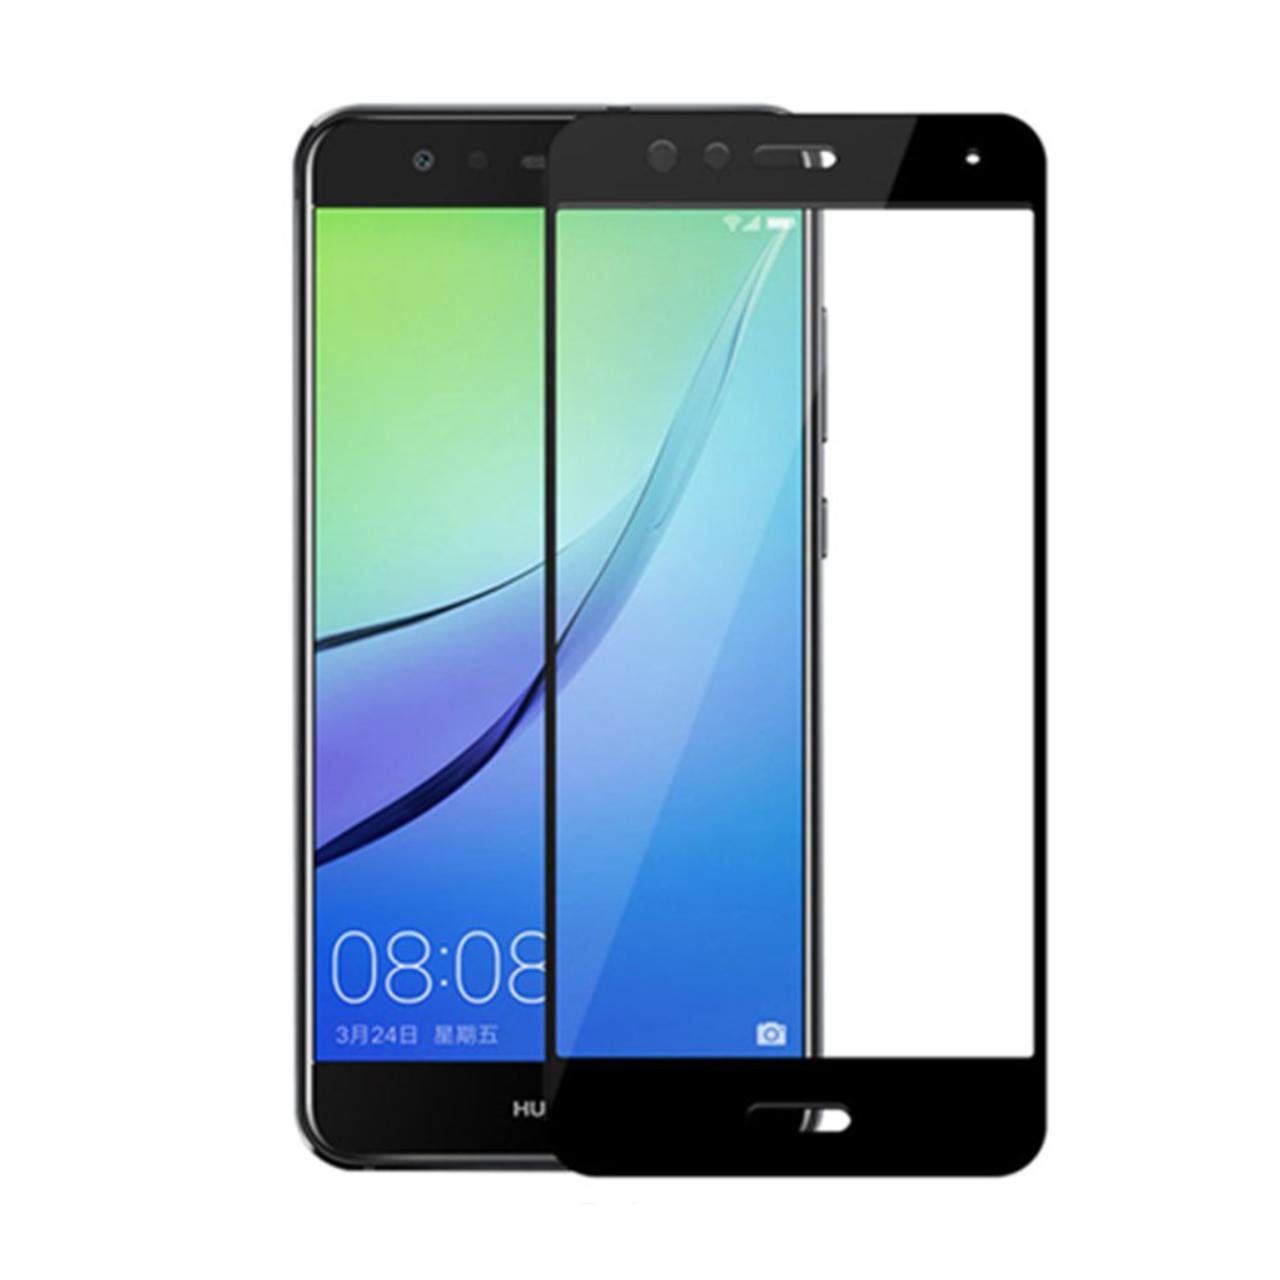 محافظ صفحه نمایش نیکسو مدل Full Glue مناسب برای گوشی موبایل هواوی P10 Lite